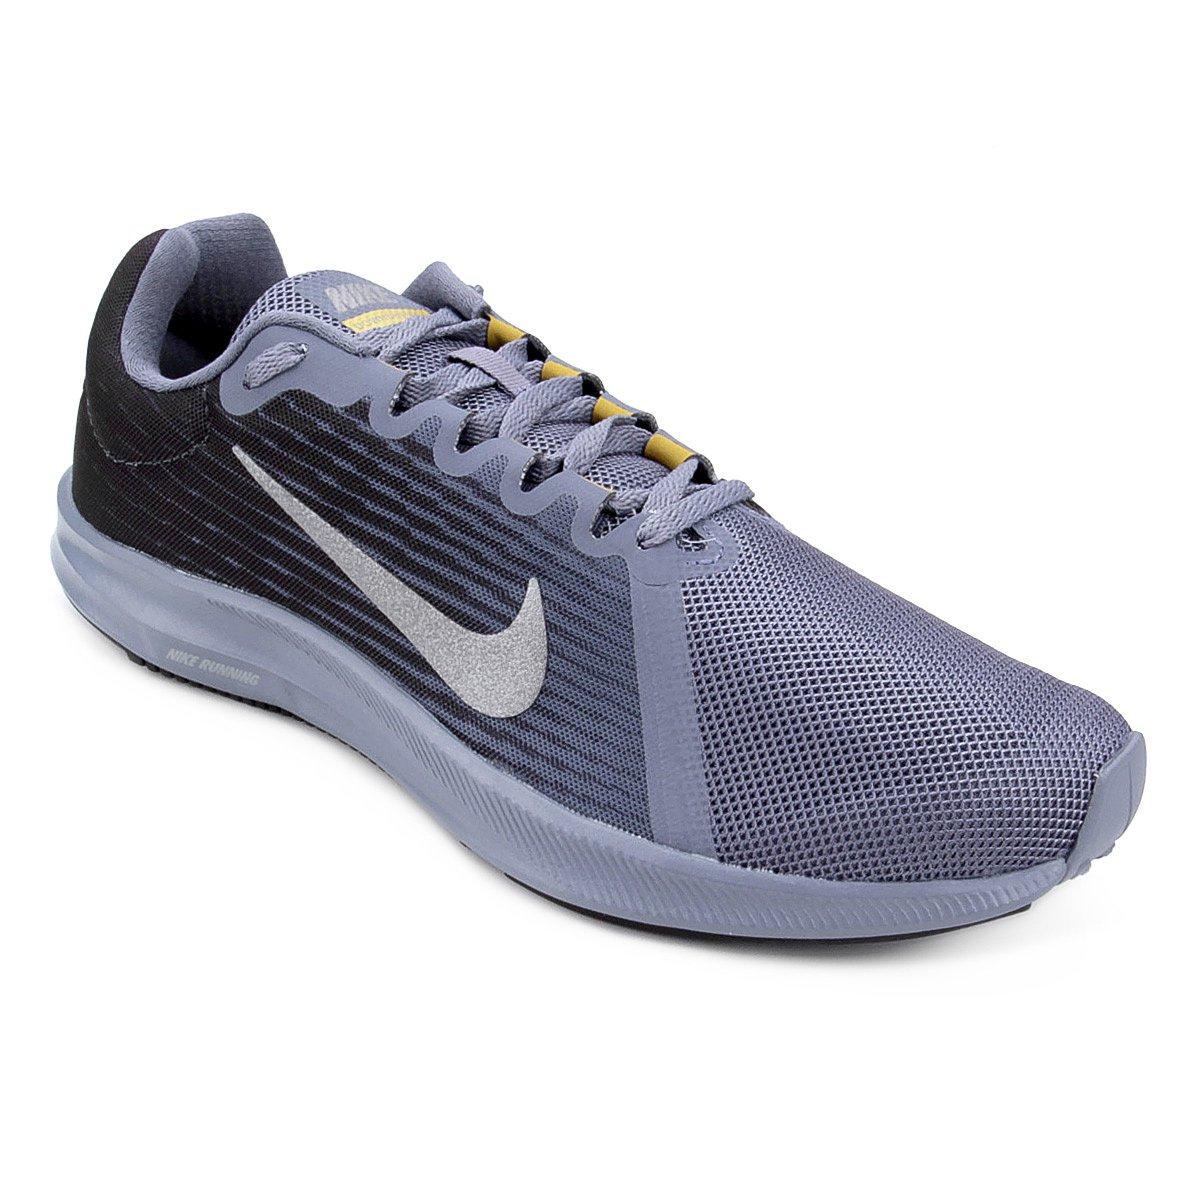 Tênis Nike Downshifter 8 Masculino - Preto e Cinza - Compre Agora ... 452129b6c4348